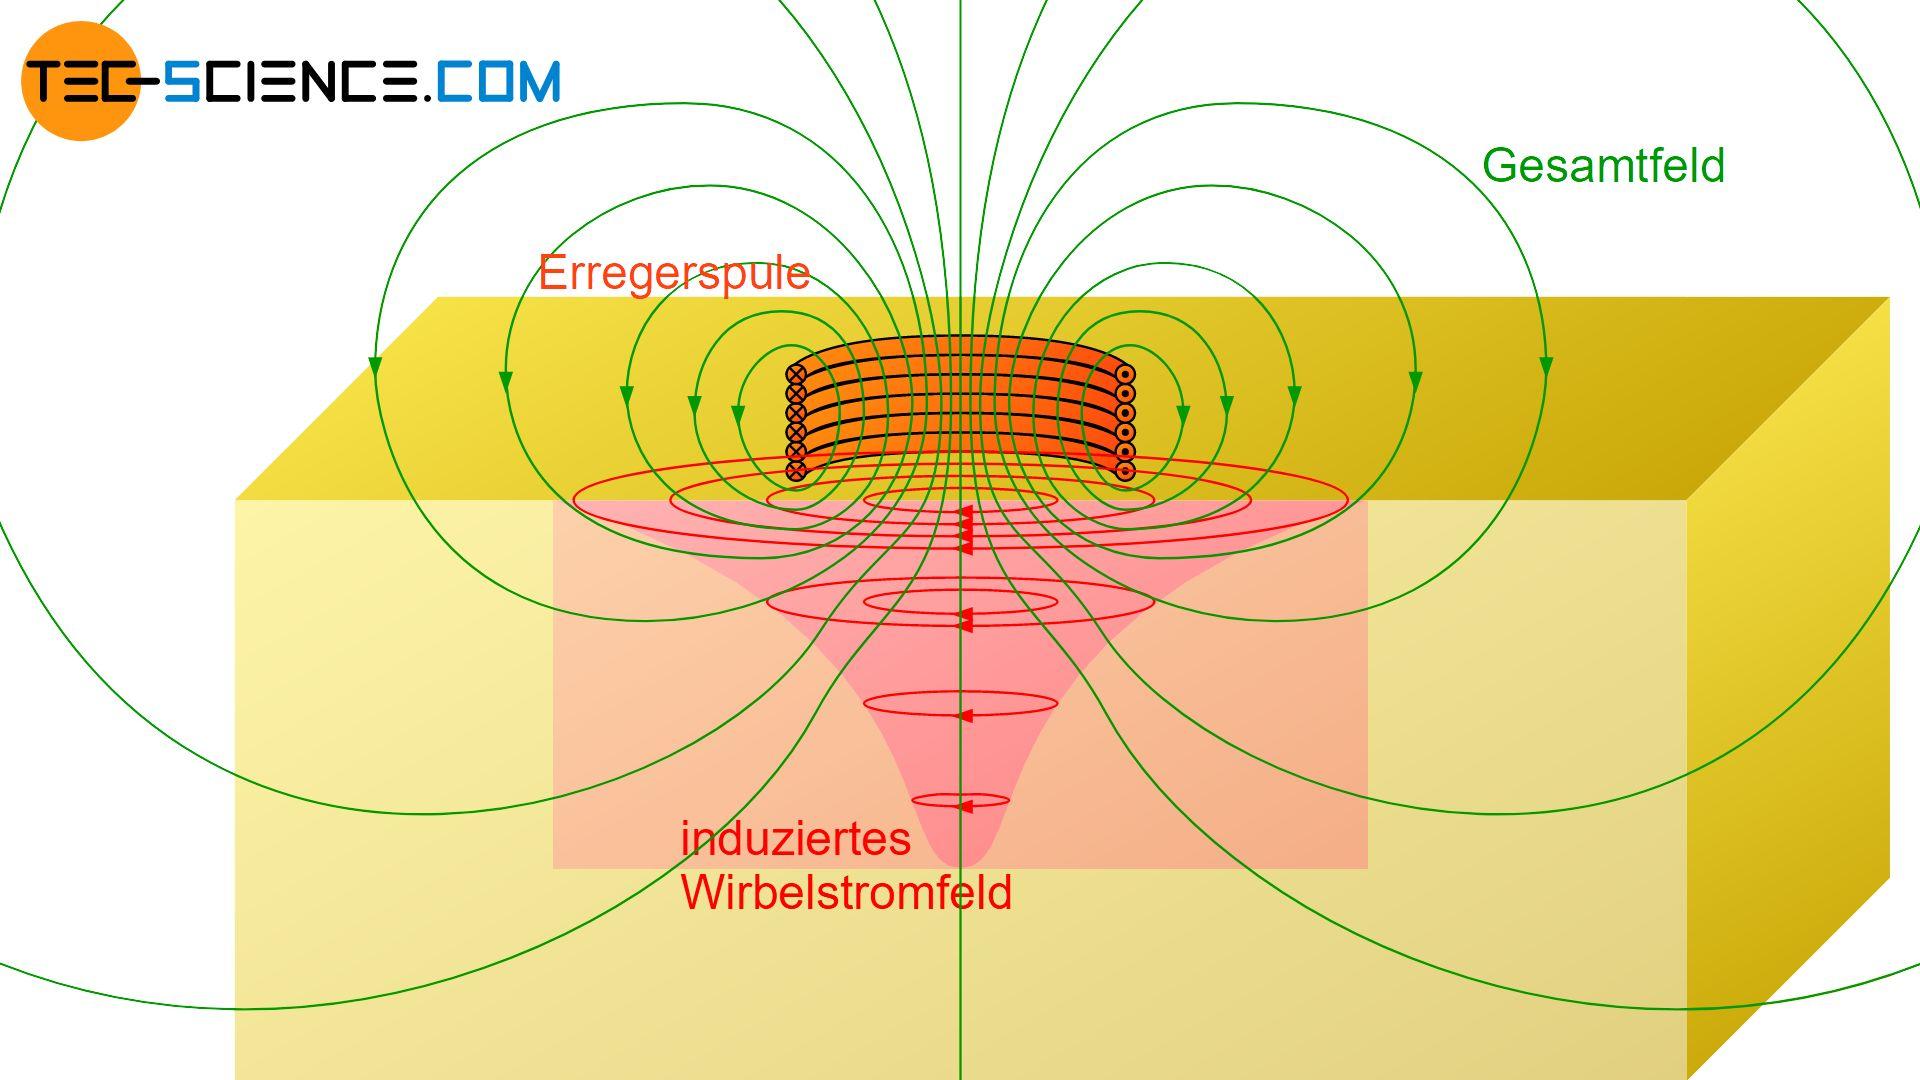 Gesamtfeld als Überlagerung von Primär- und Sekundärfeld